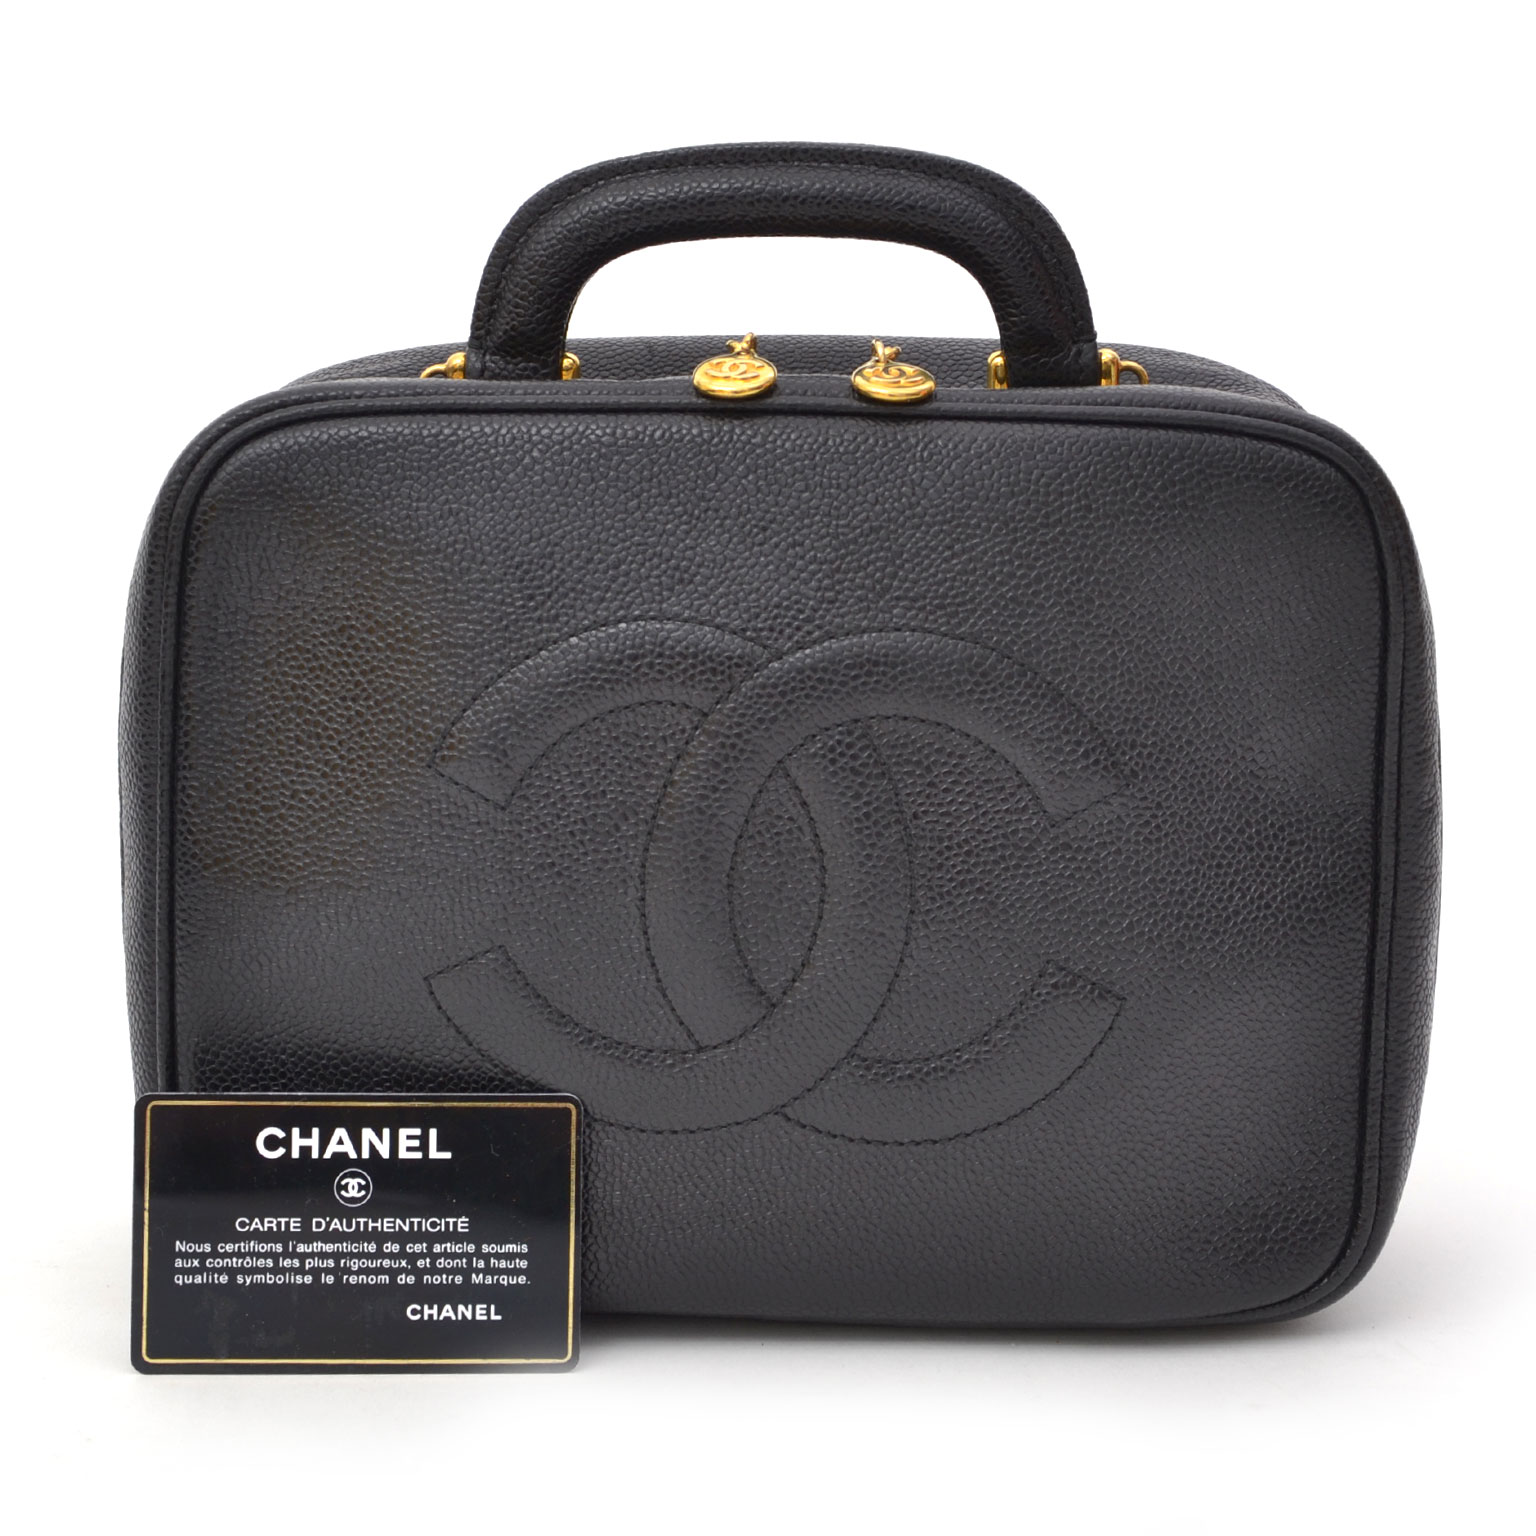 40354d27a2d880 ... best price worldwide shipping like new acheter en ligne seconde main  Chanel Caviar Leather Vanity Case pour le meilleu prix